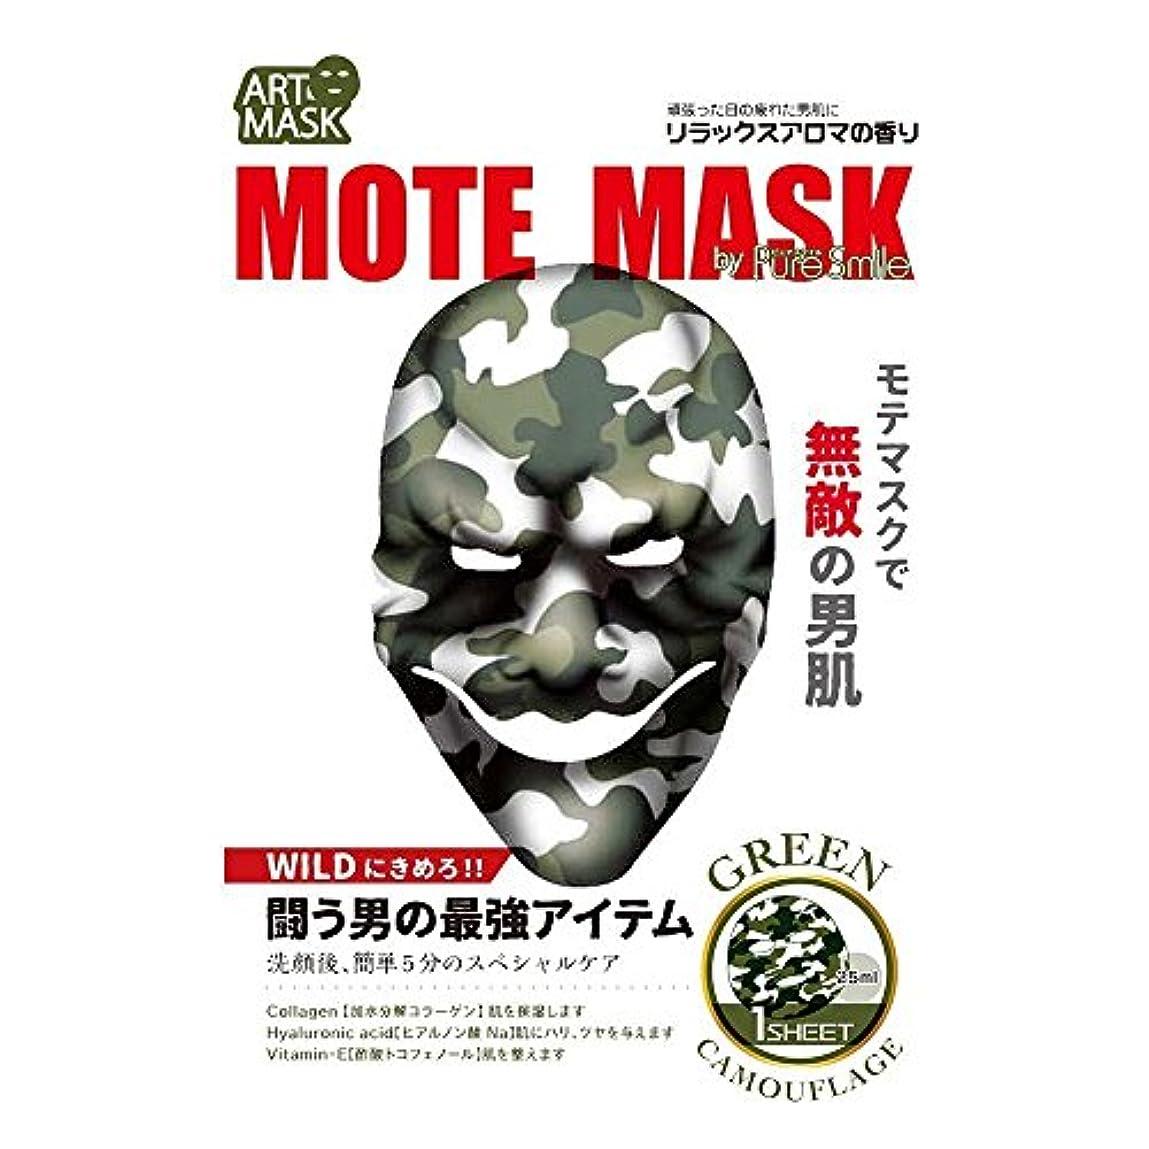 代わりのヤングどこかピュアスマイル モテマスク ブラックカモフラージュ MA03 【クール】